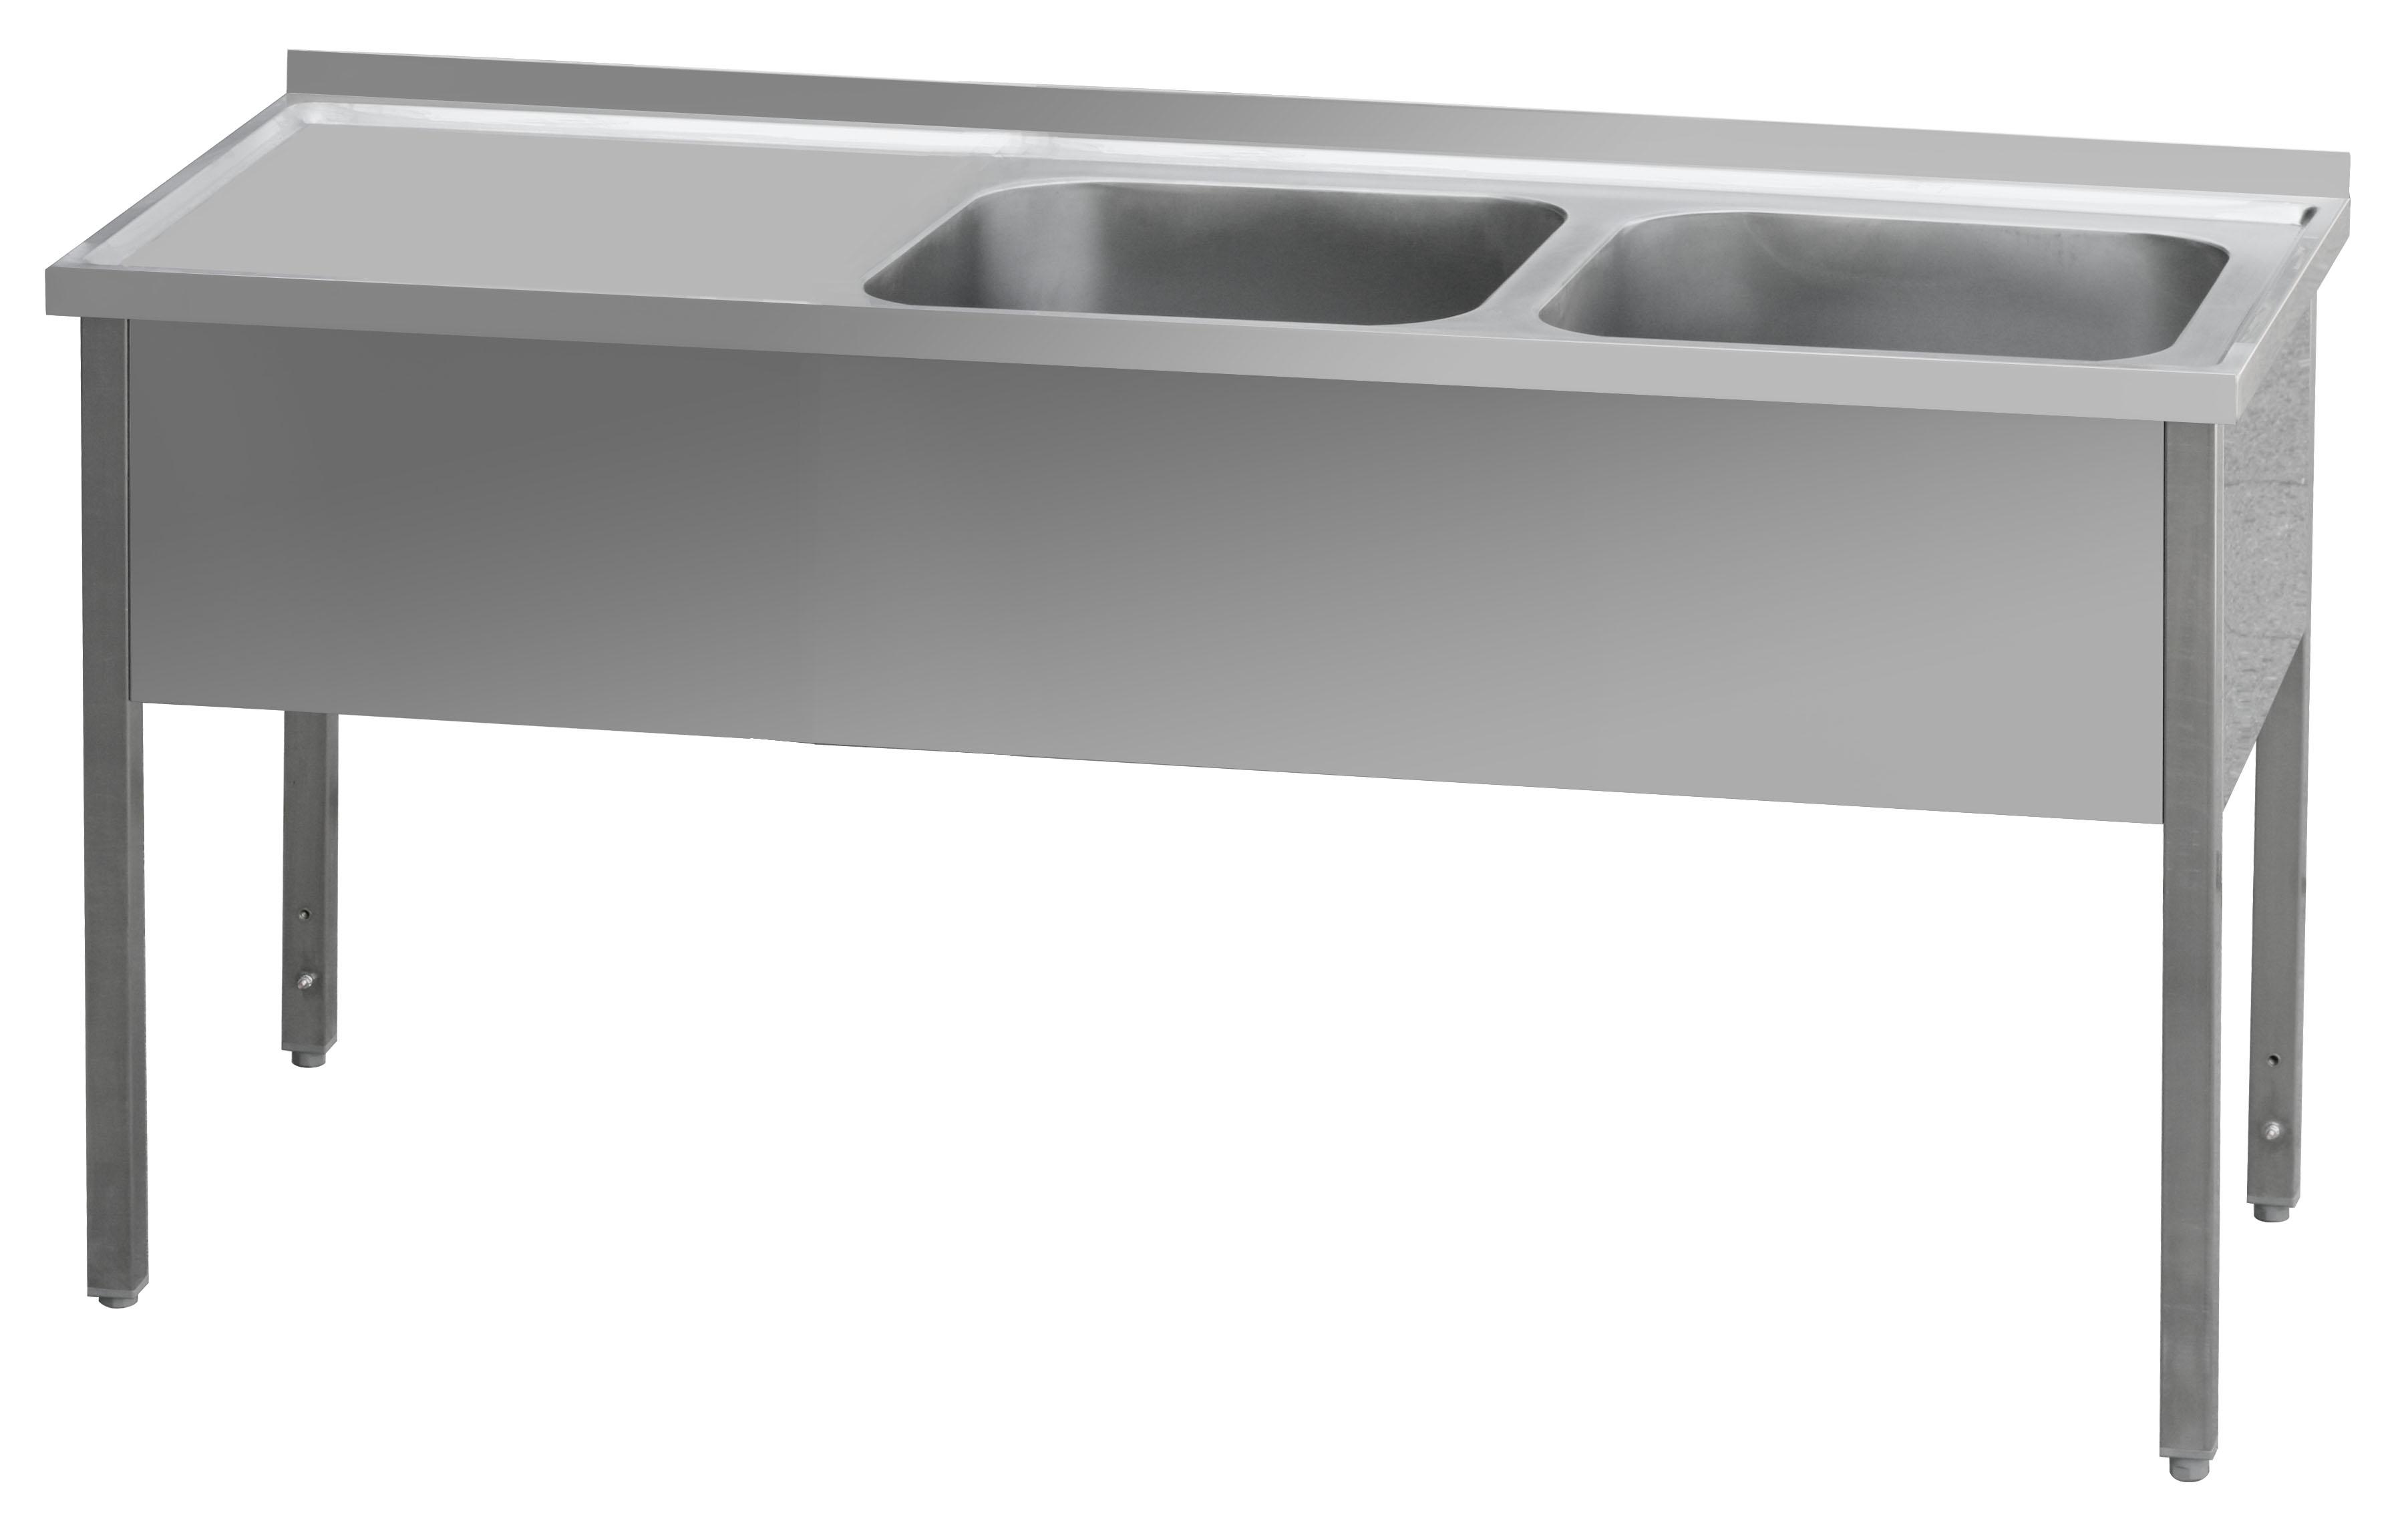 Stůl mycí dvoudřez MSDOL 140x70x90 REDFOX